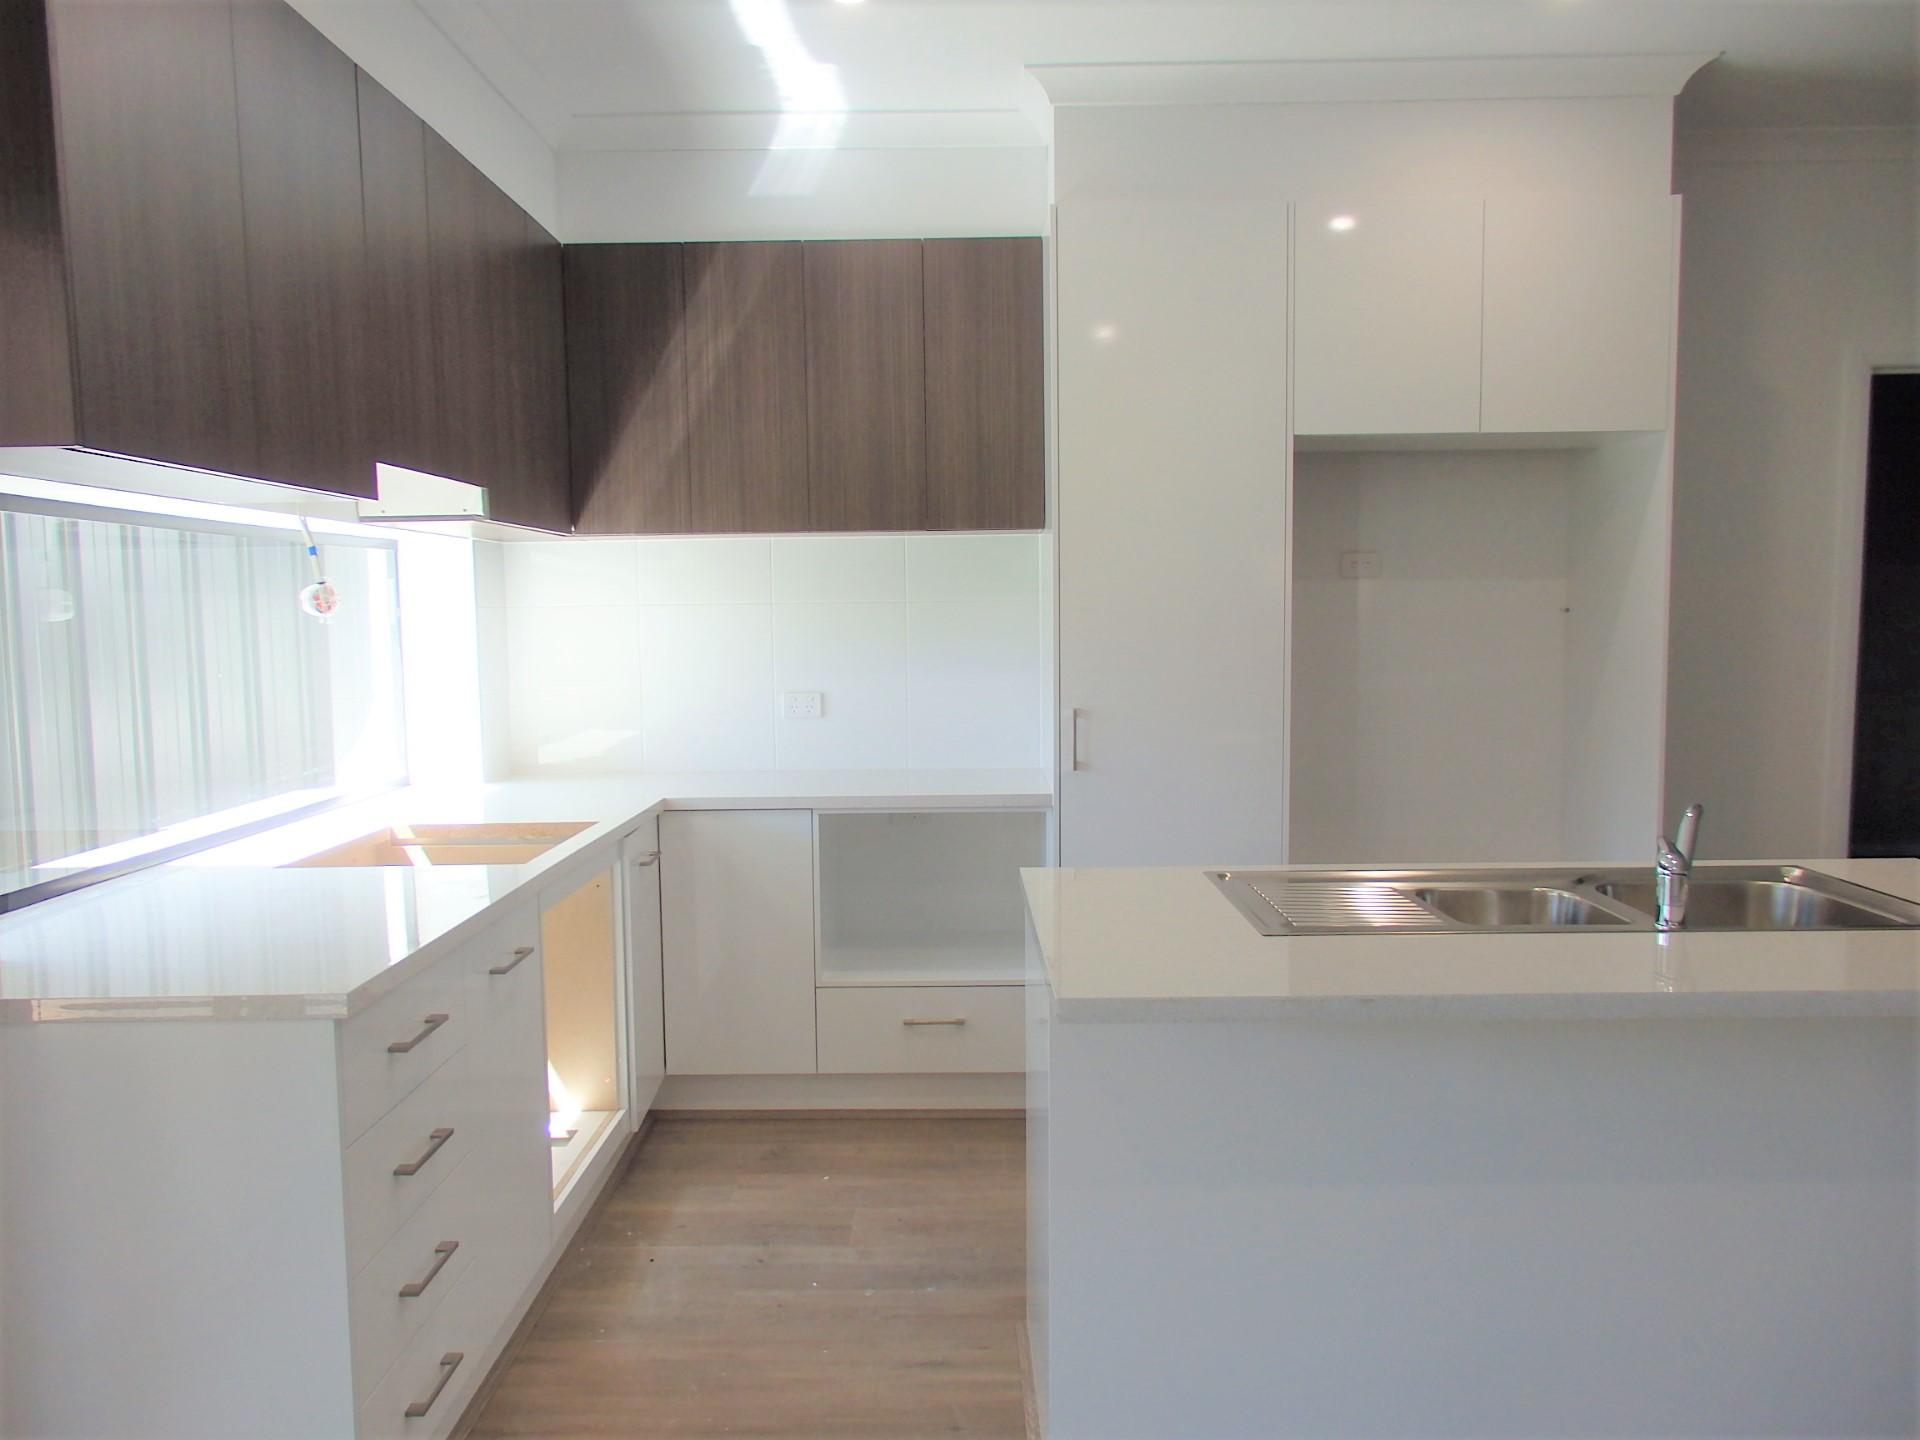 1620177554-2-mydimport-1596538634-hires.24313-Kitchen.jpg